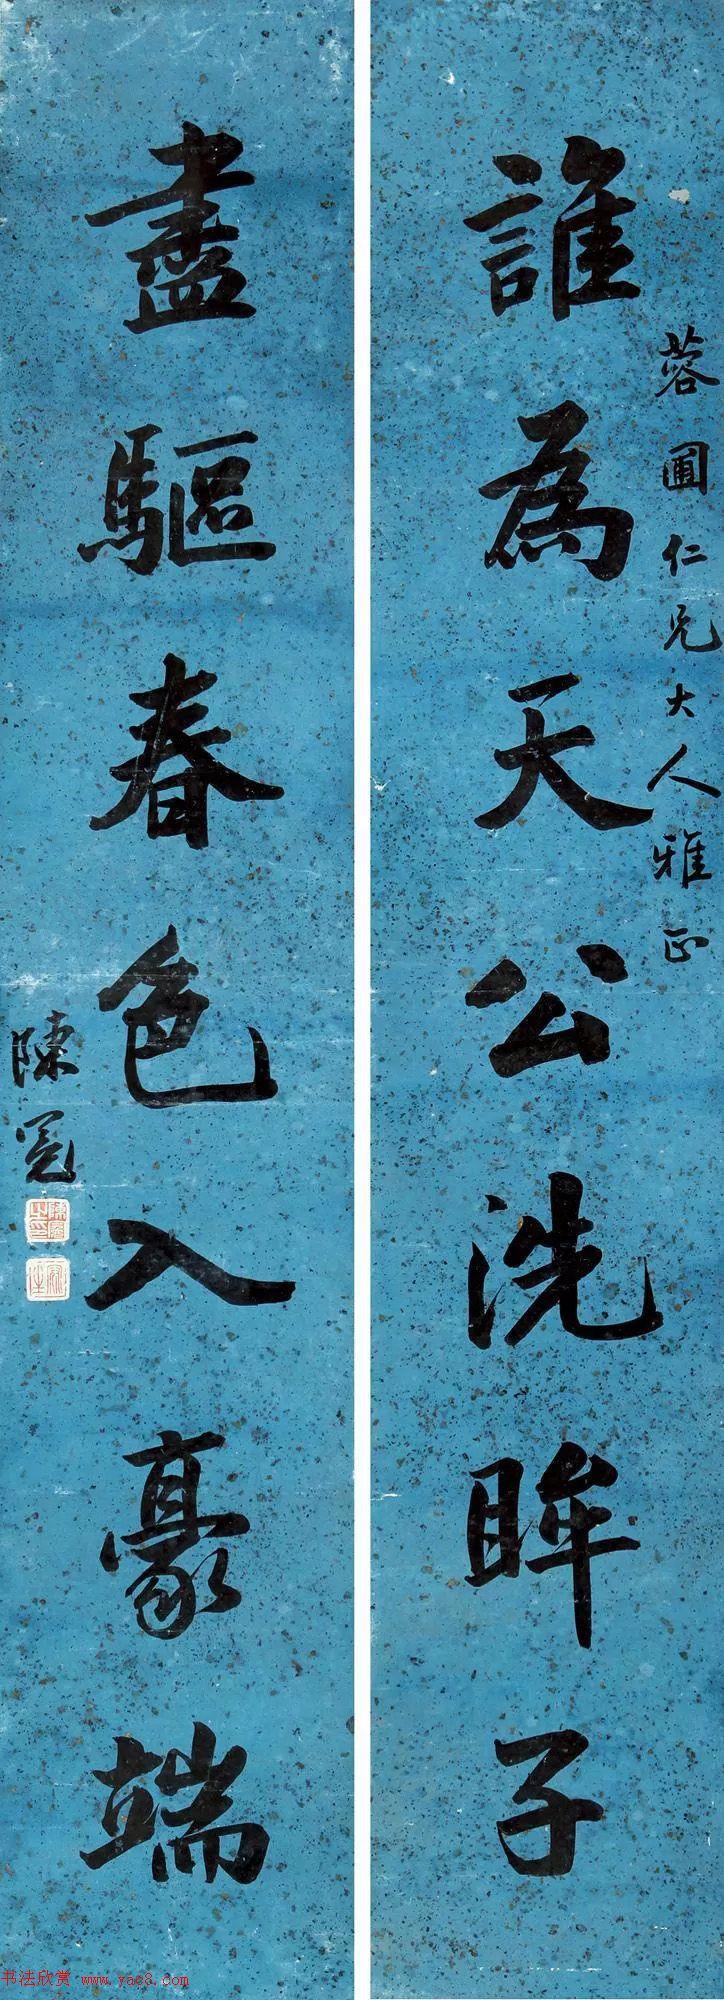 状元陈冕行楷书法作品欣赏